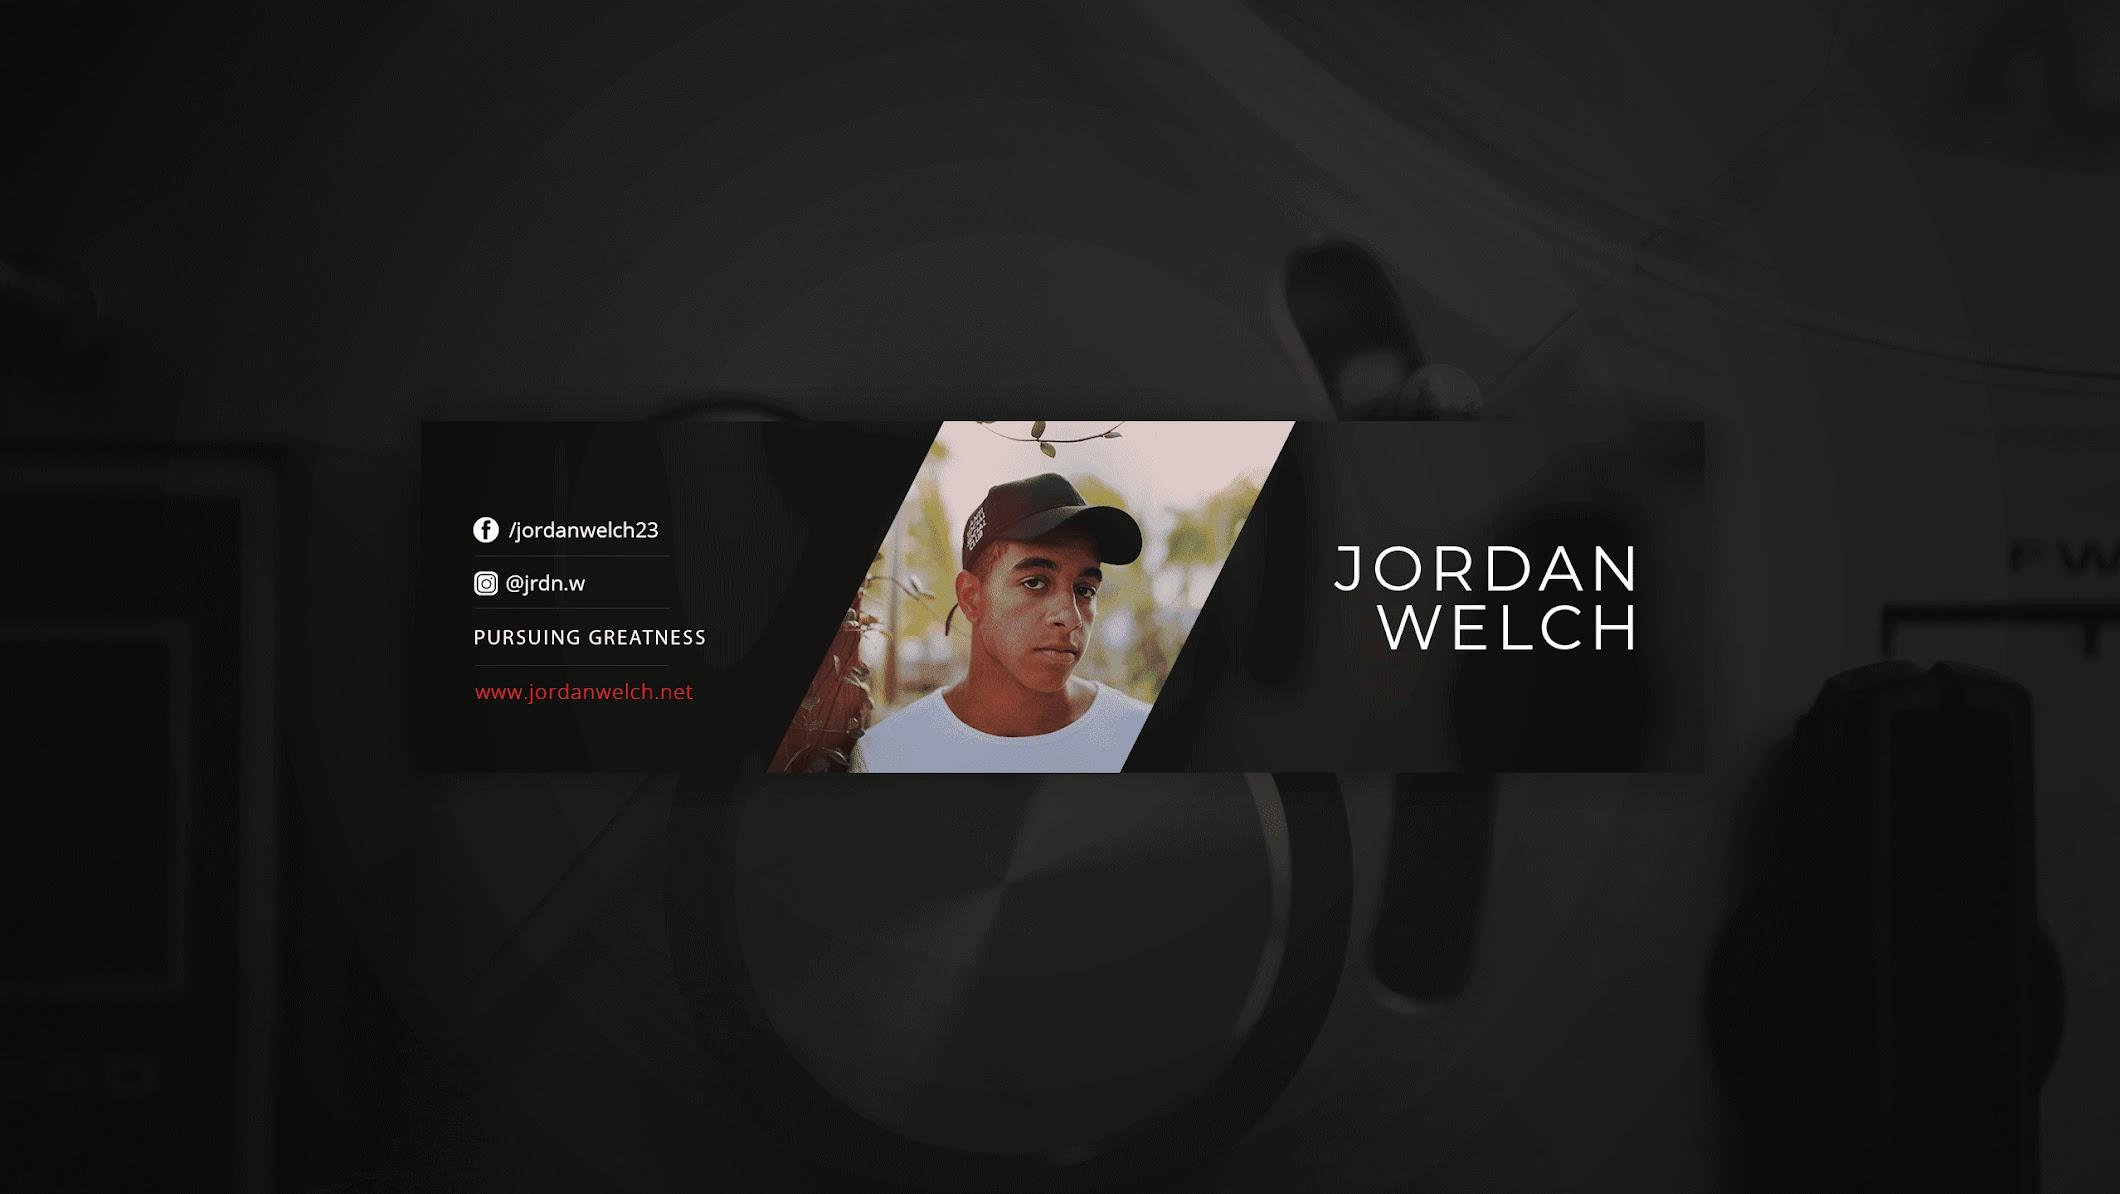 Jordan Welch- eCommerce Youtube Channels 2021